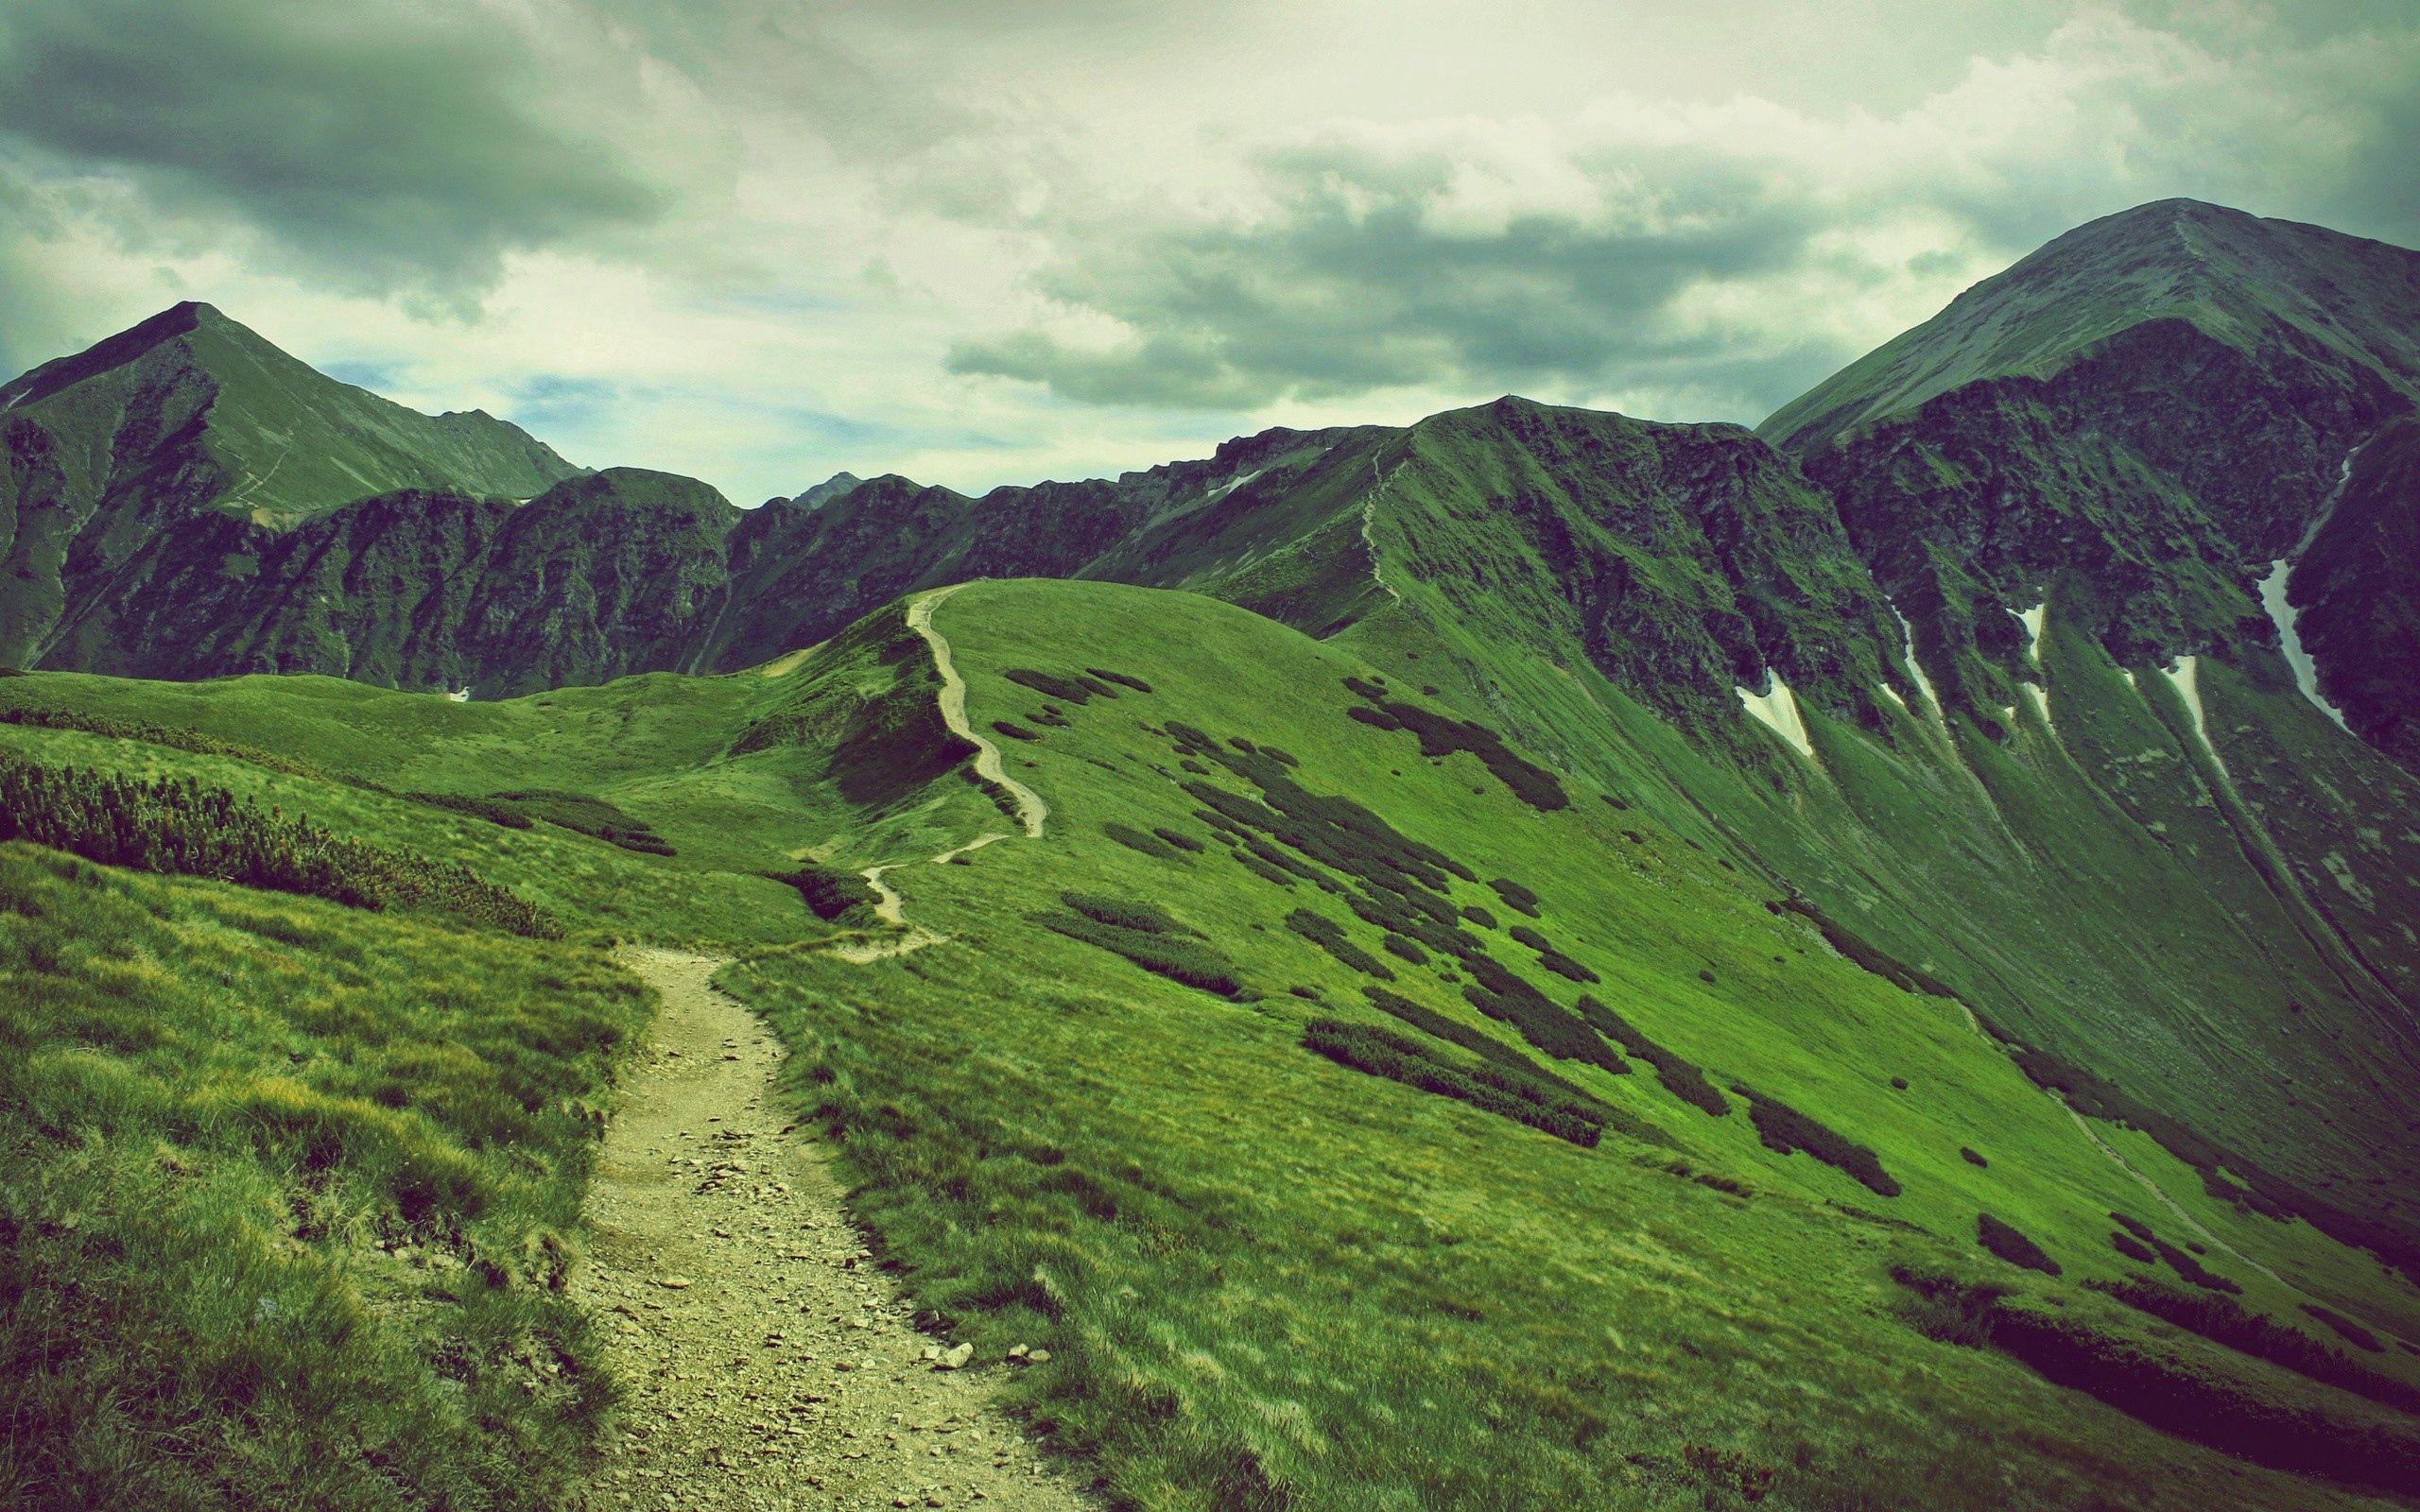 152235 Hintergrundbild herunterladen Mountains, Natur, Grass, Sky, Scheitel, Nach Oben - Bildschirmschoner und Bilder kostenlos